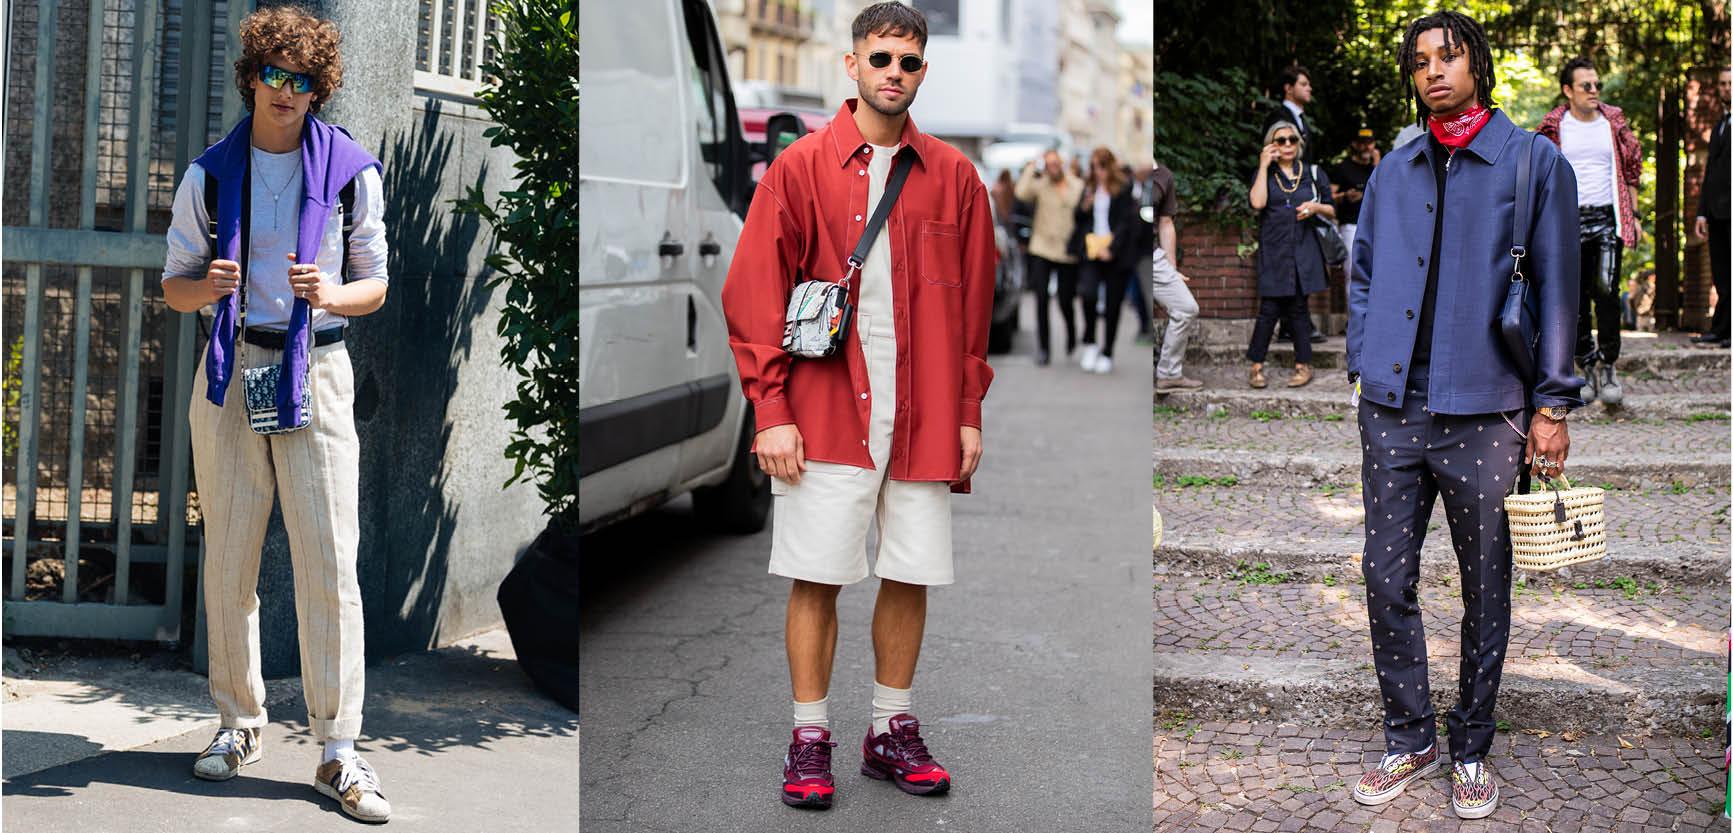 Schuhe für Männer Youngster